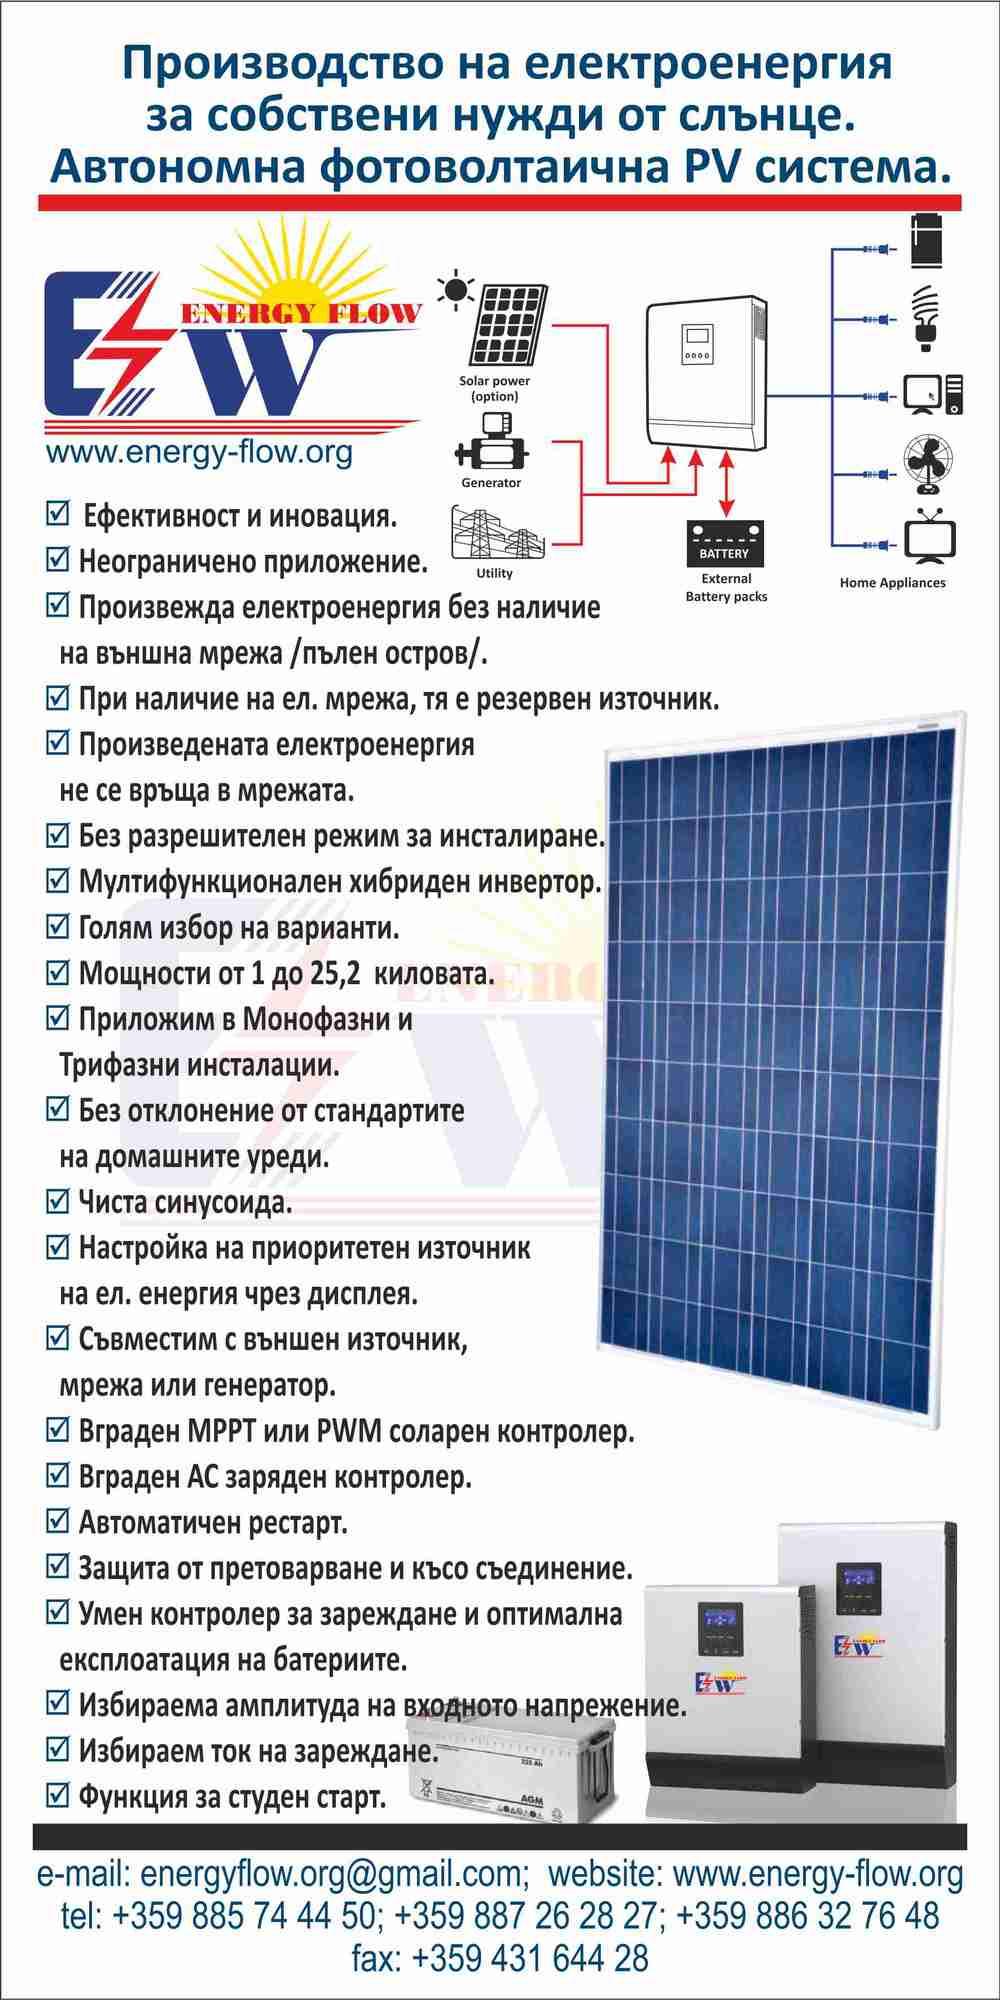 Напълно автоматизиран диспечър на енергийния поток за дома и бизнеса